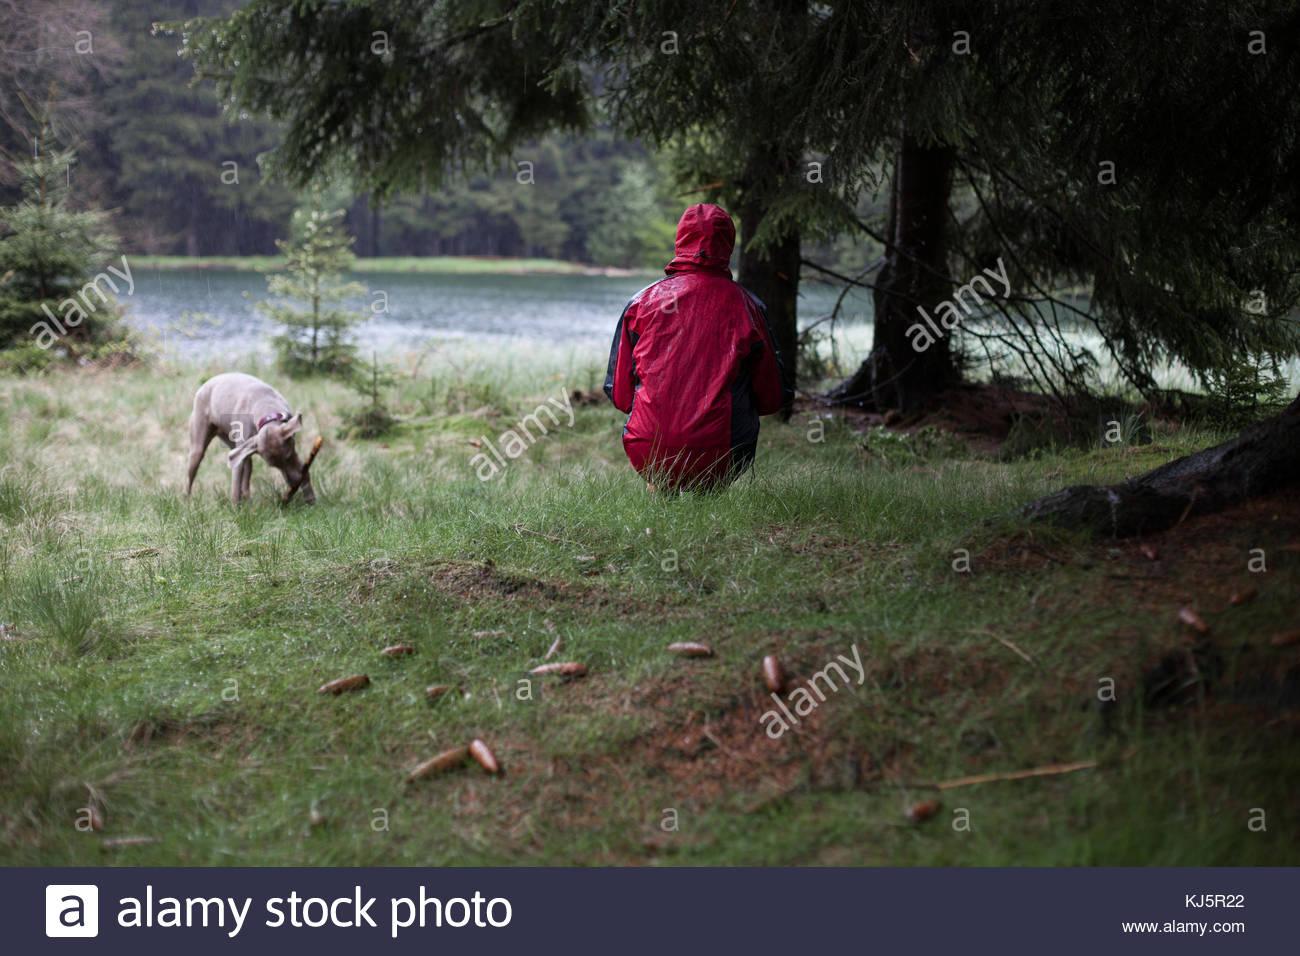 Mujer de rompevientos saltando por agua Imagen De Stock